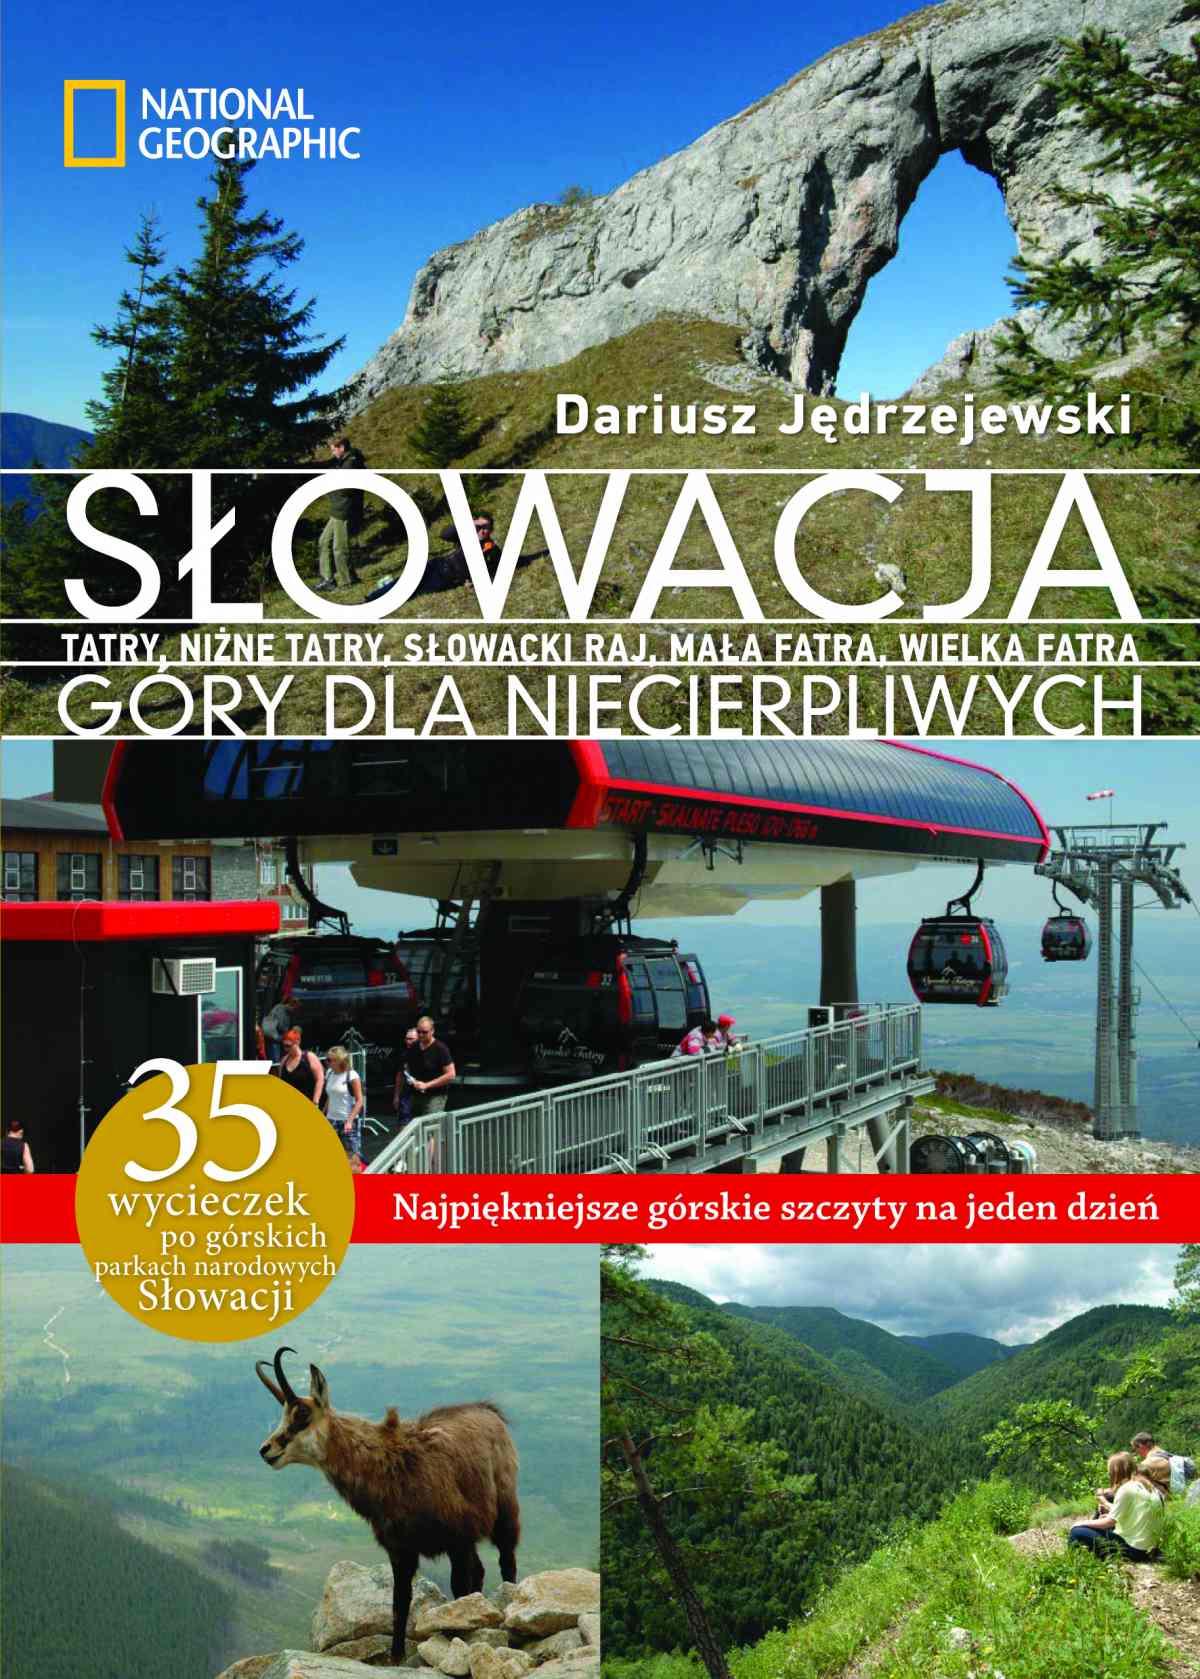 Słowacja. Góry dla niecierpliwych - Ebook (Książka na Kindle) do pobrania w formacie MOBI